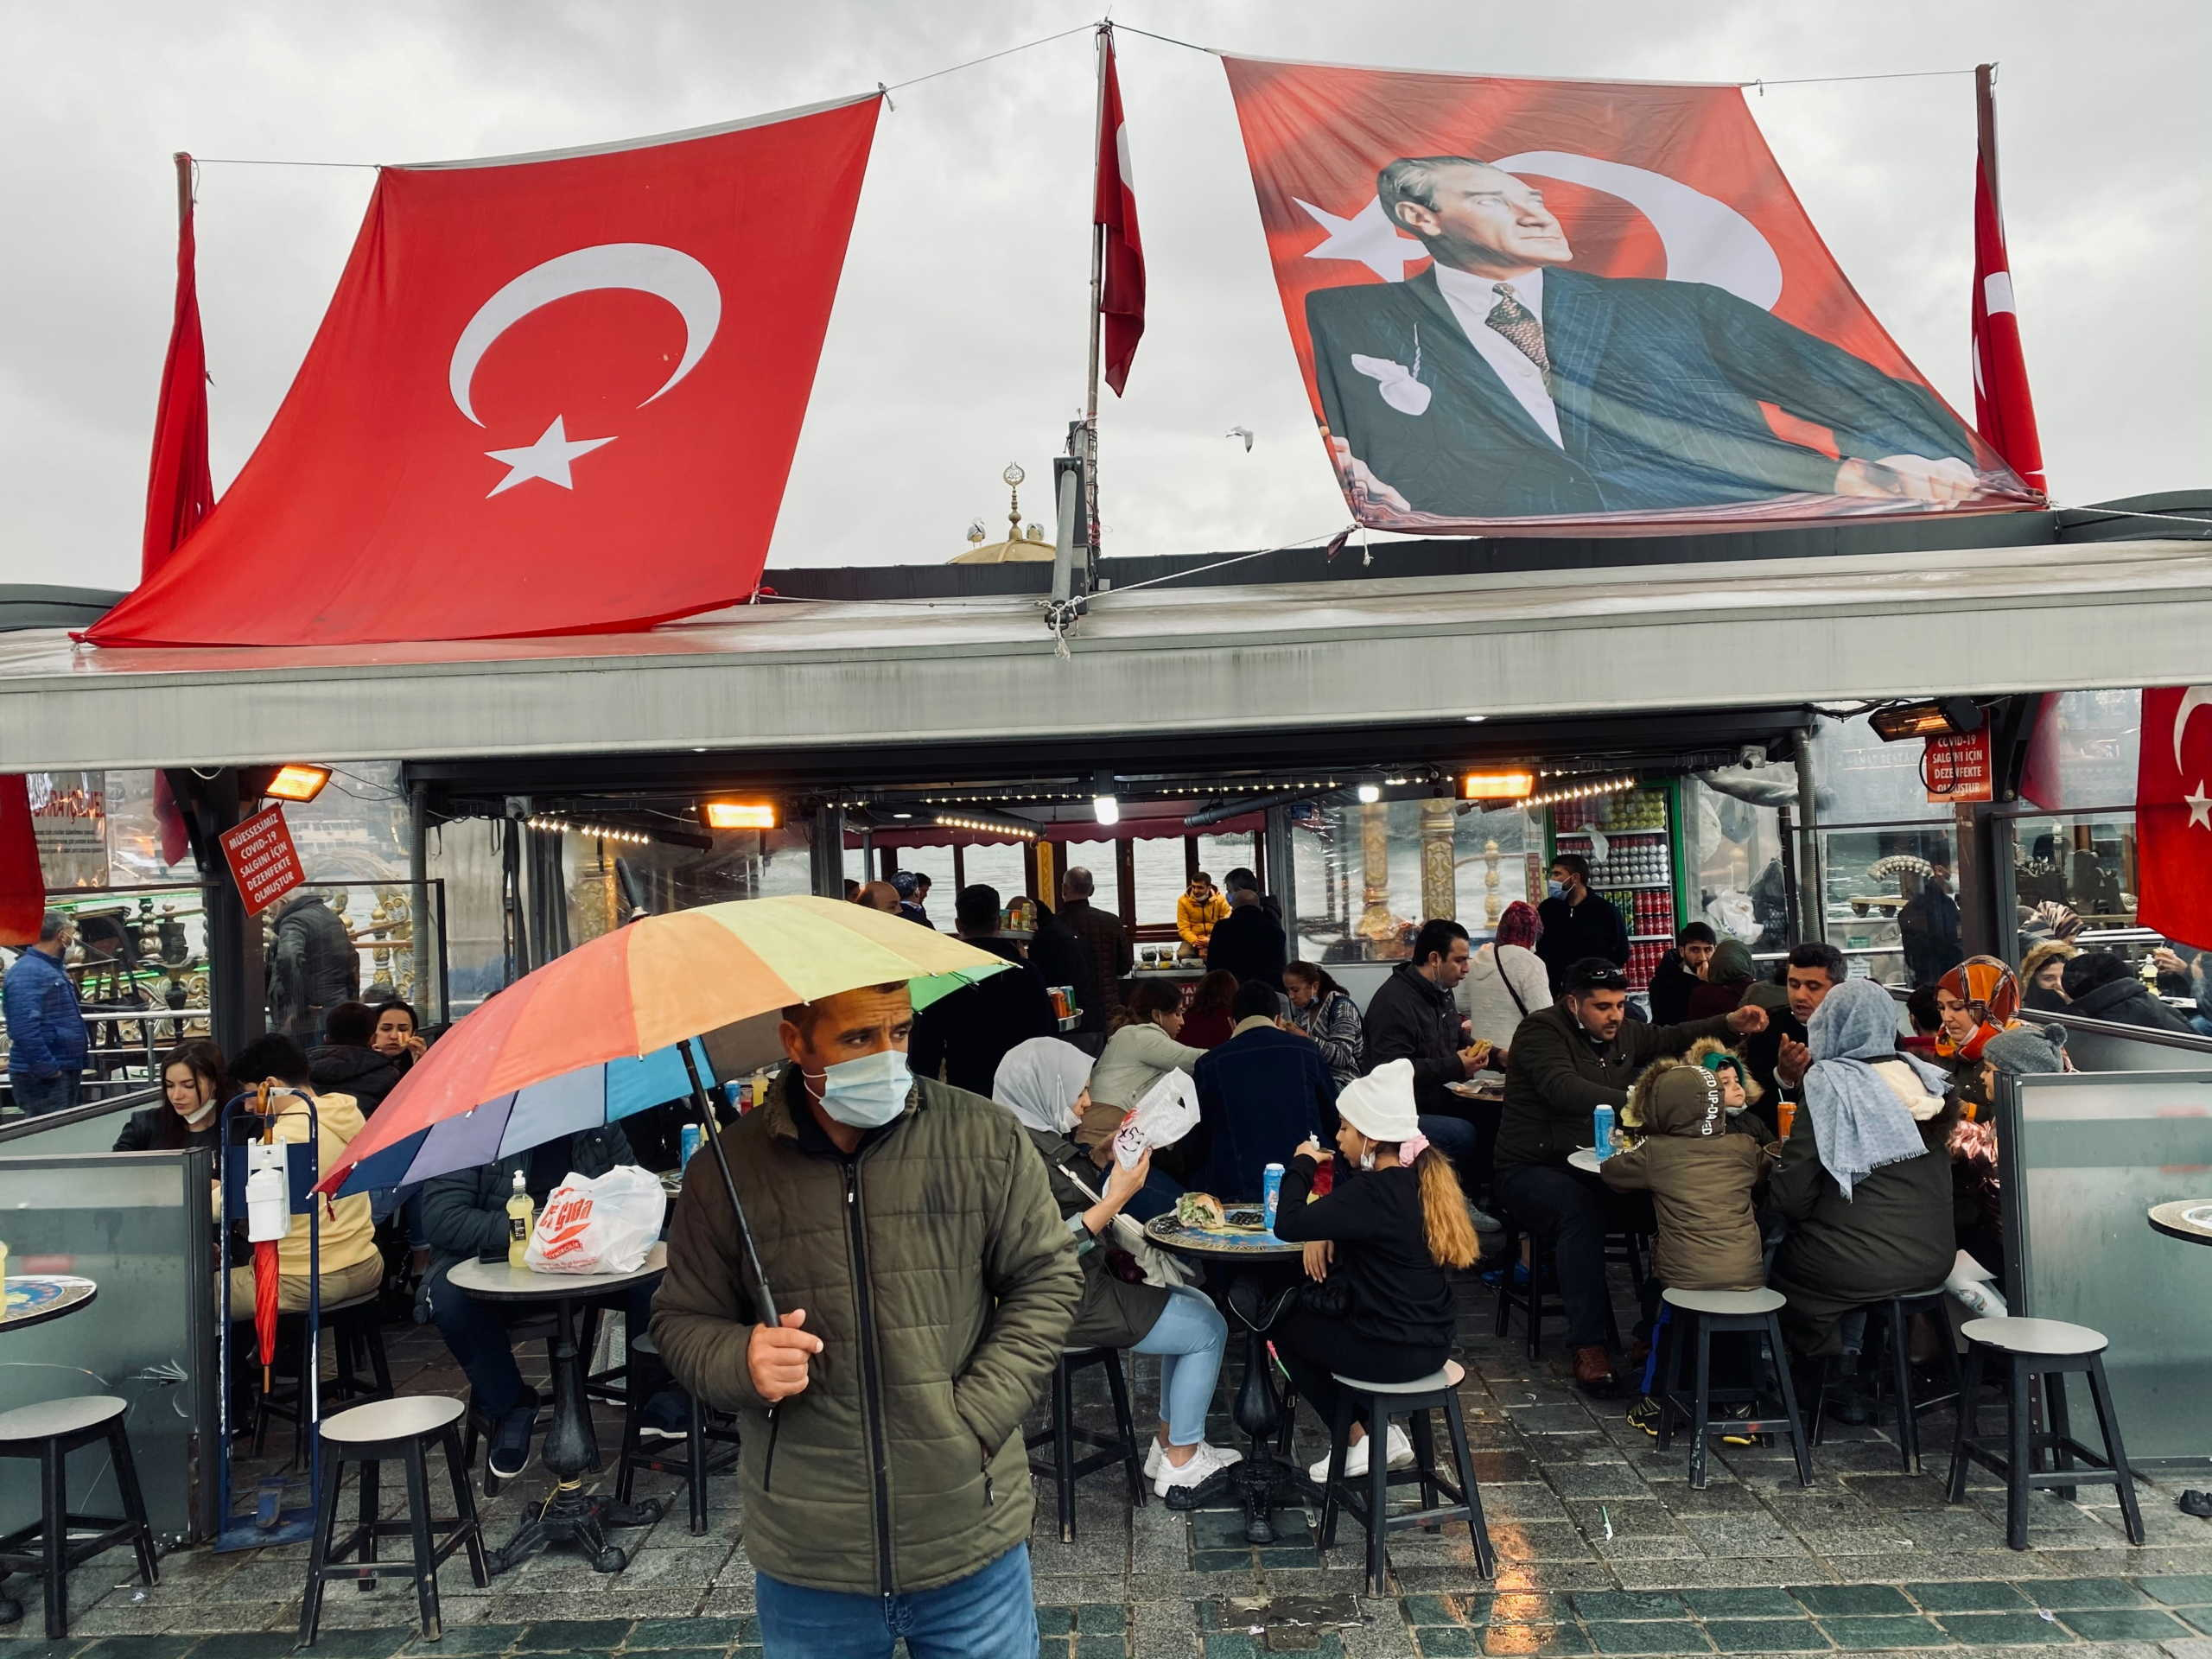 Κορονοϊός: Πάνω από 9.000 κρούσματα σε μια μέρα στην Τουρκία